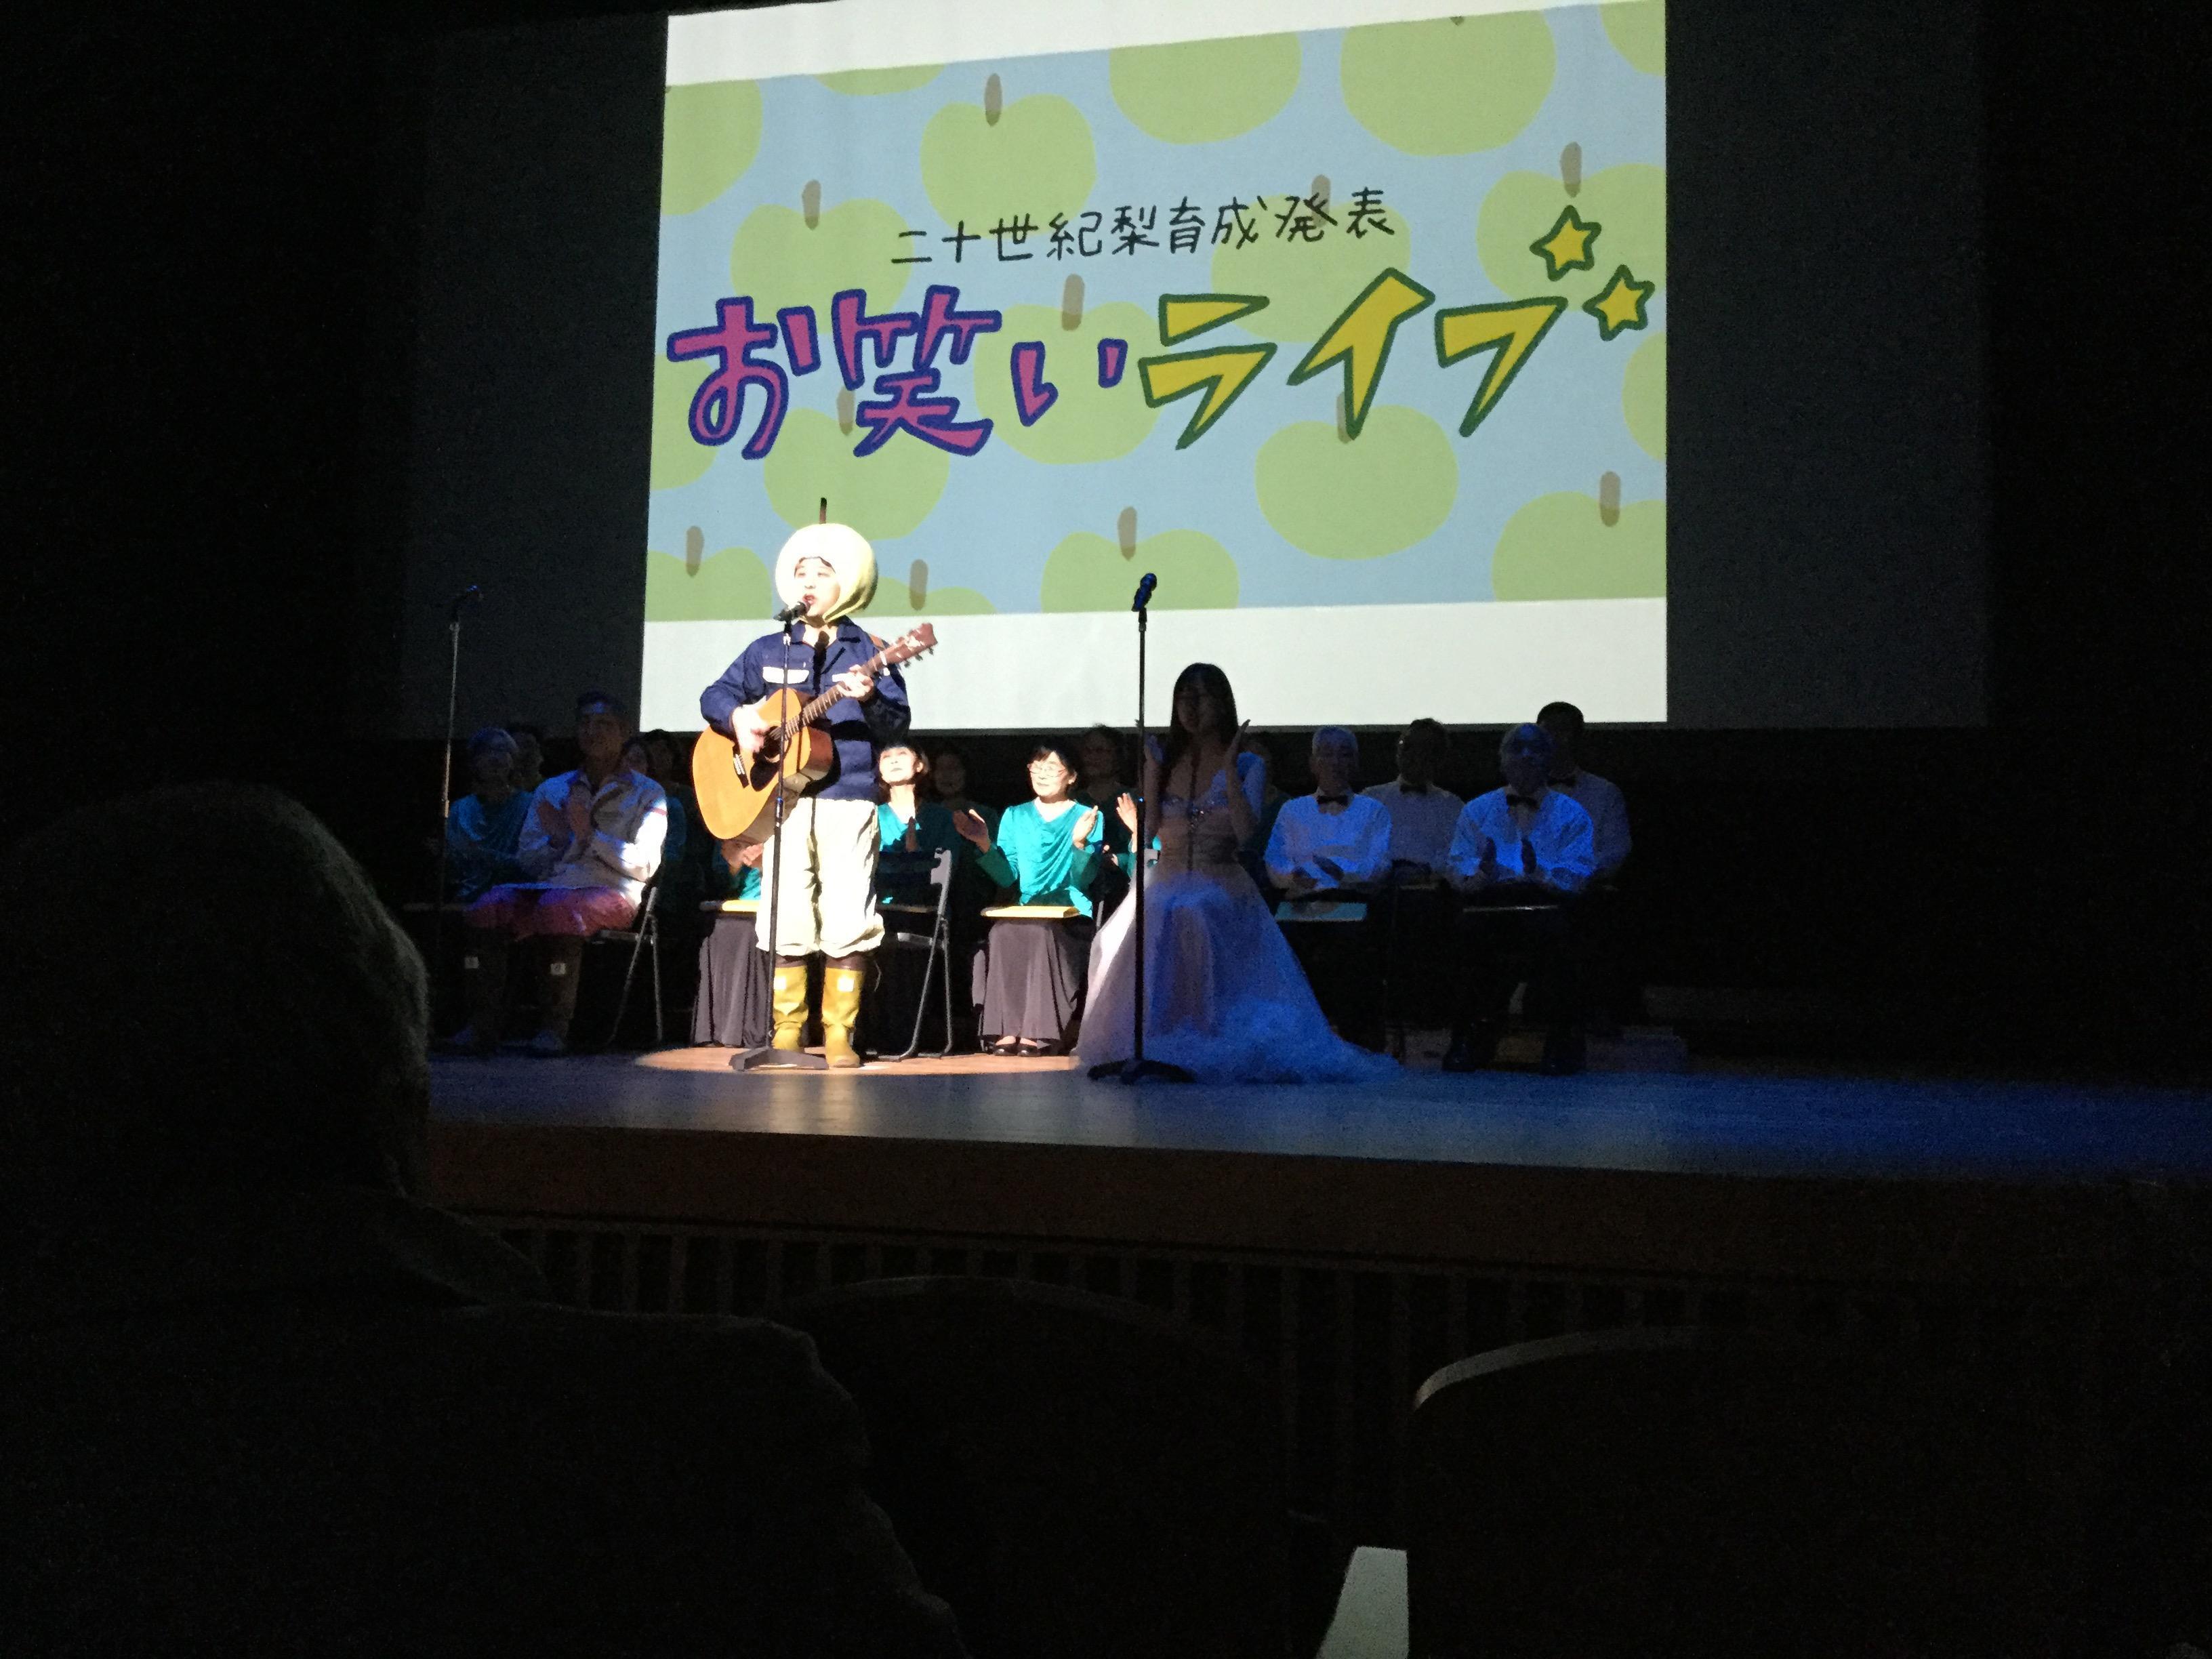 http://news.yoshimoto.co.jp/20180214202422-4bb97cc0ae1045d050dbe5ed1b531c85ec90ecb8.jpg